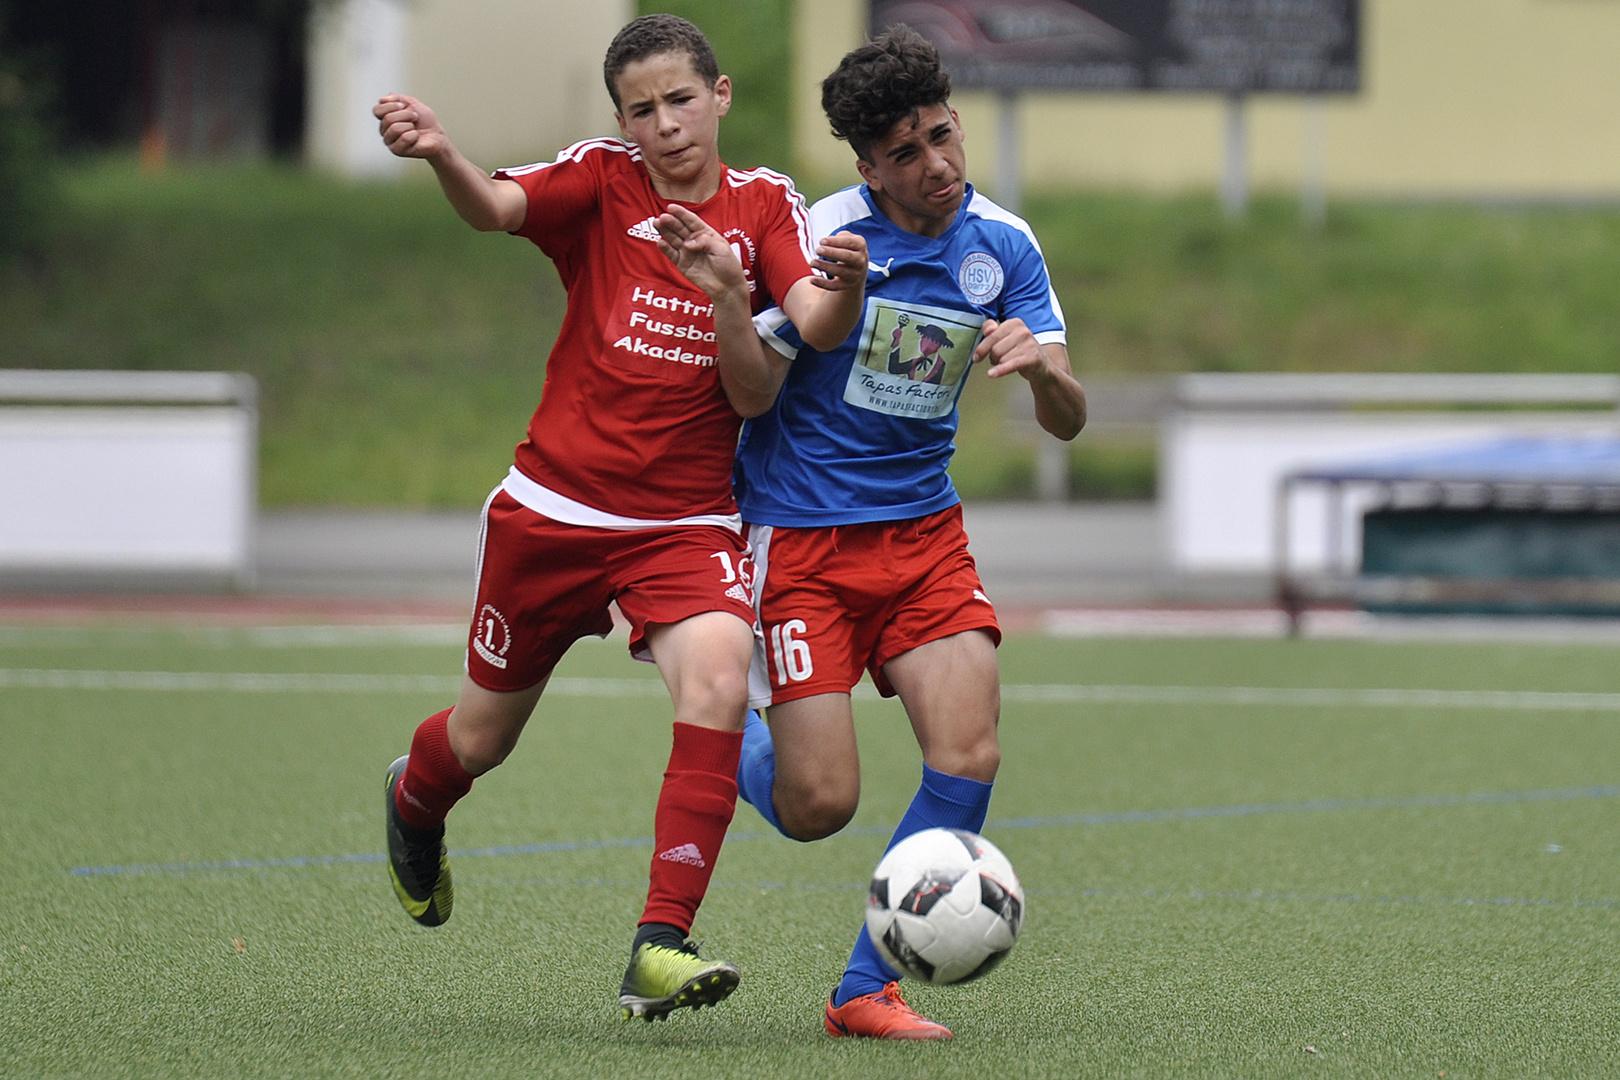 Zweikampf Foto Bild Sport Ballsport Fussball Bilder Auf